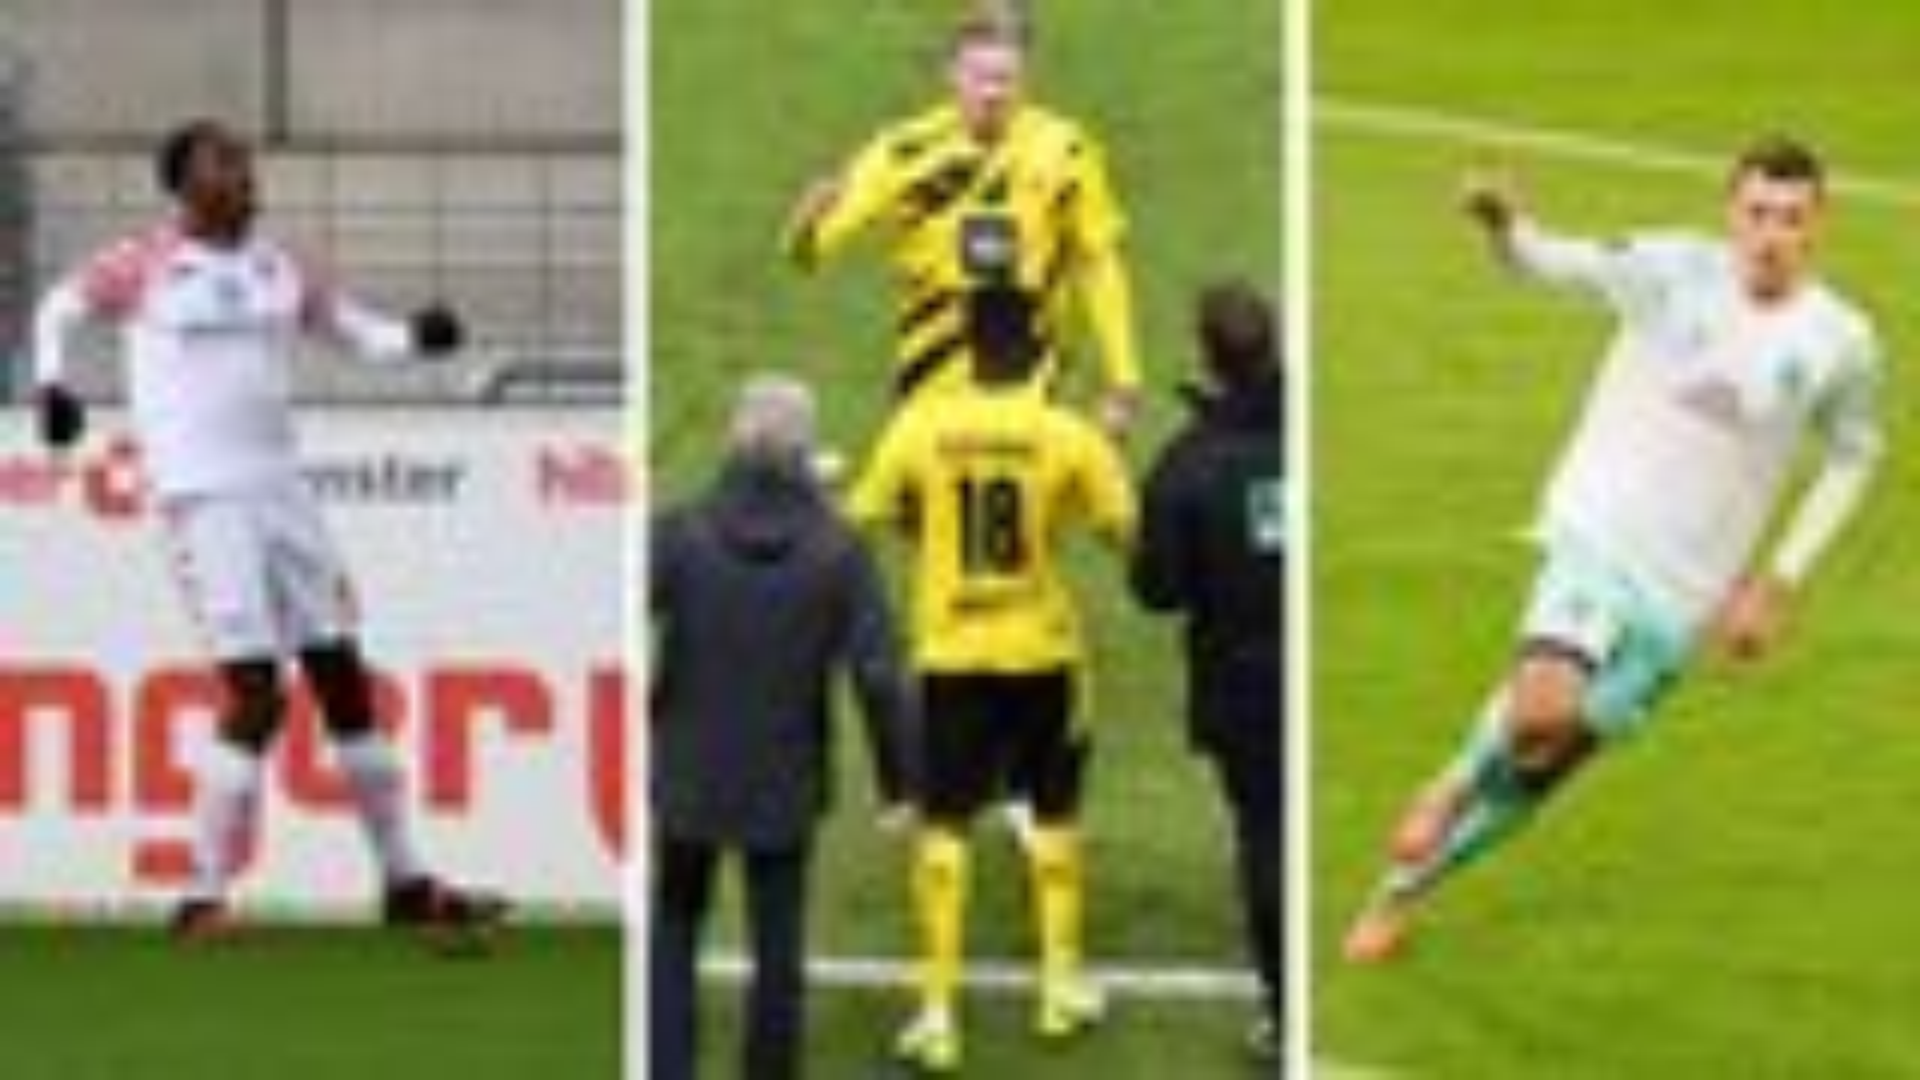 8. Spieltag im Fokus: Darüber spricht die Bundesliga